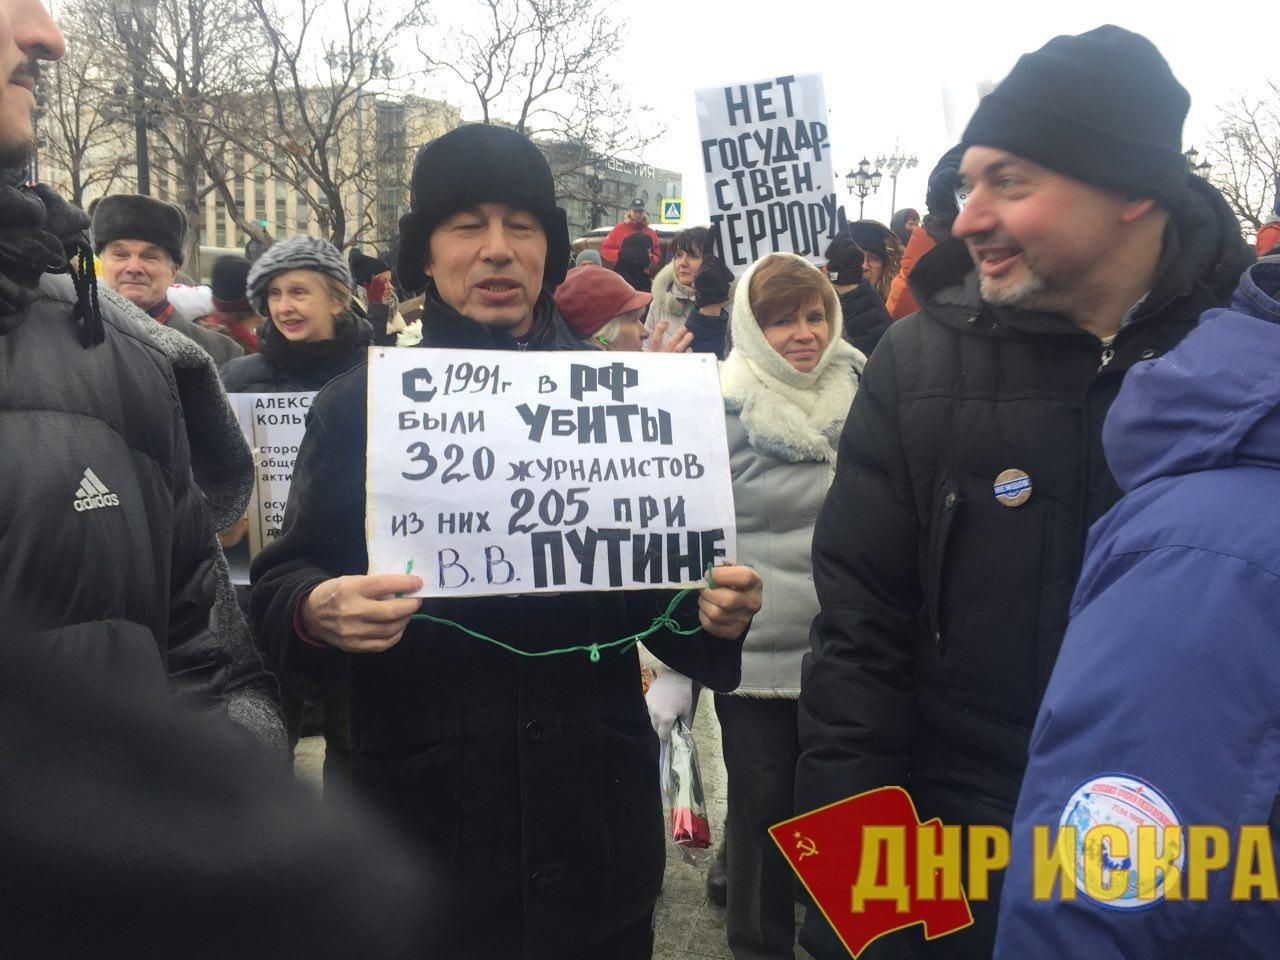 Москва: Шествие памяти Маркелова и Бабуровой прошло в день 10-летия со дня их убийства